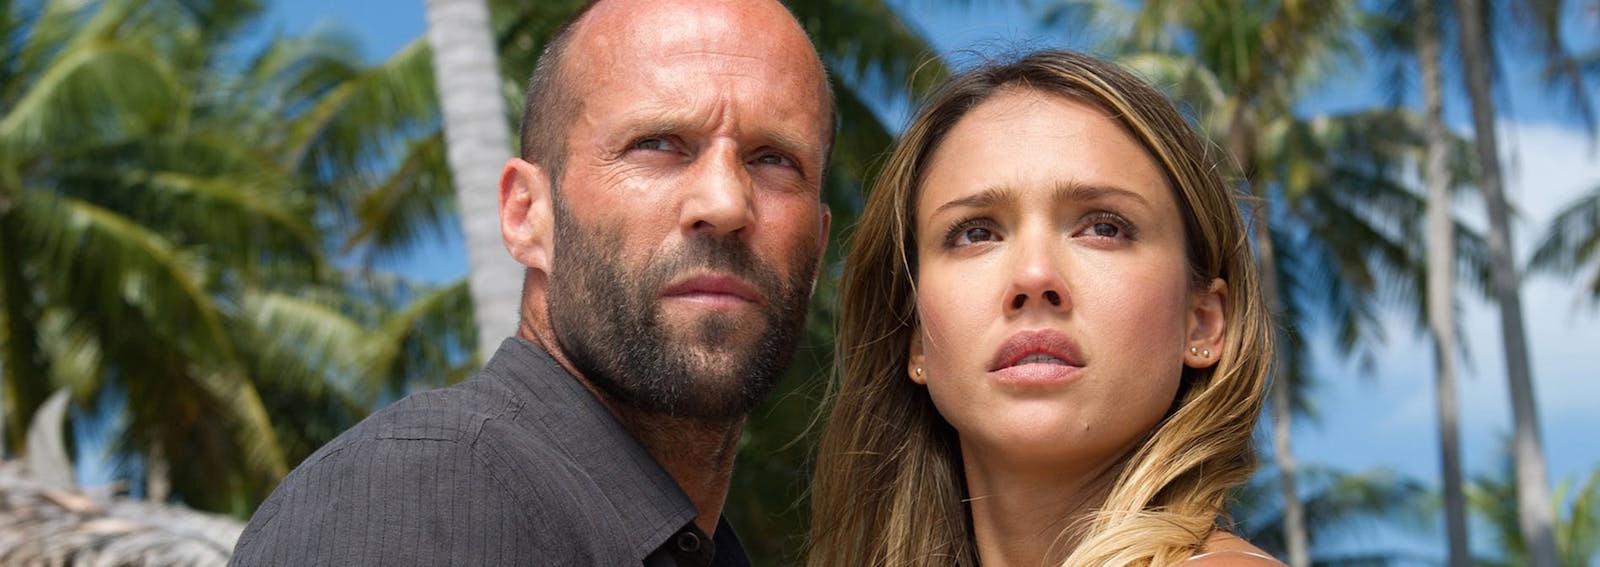 Jessica Alba e Jason Statham